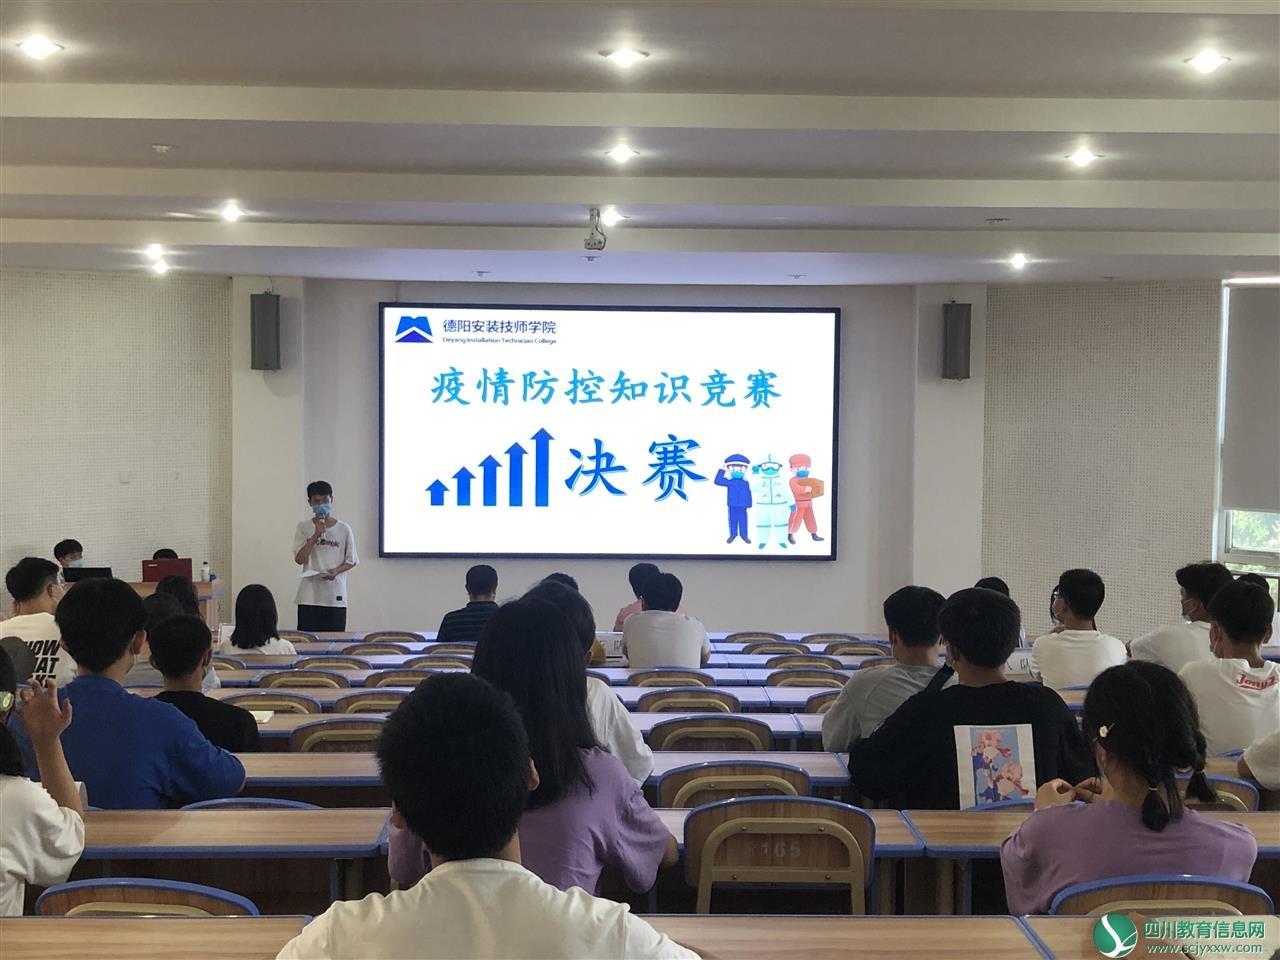 德阳安装技师学院开展疫情防控知识竞赛活动